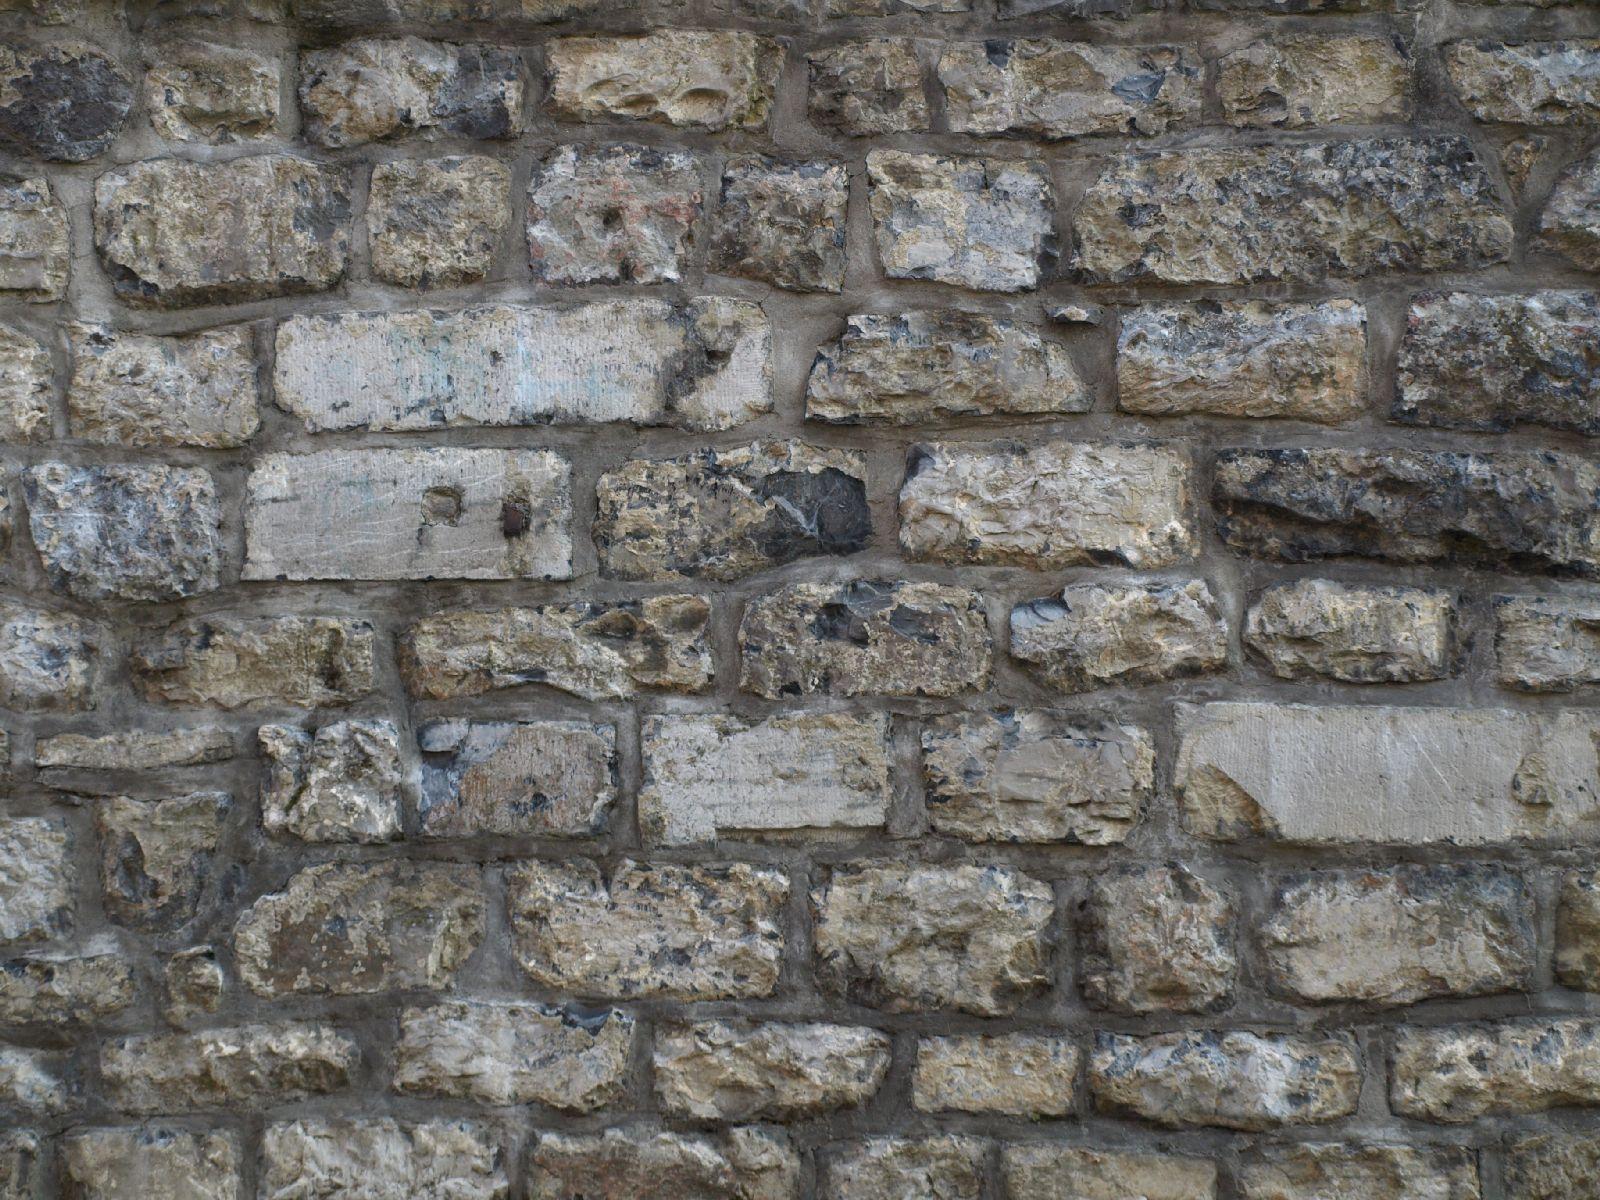 Brick_Texture_A_P8164340